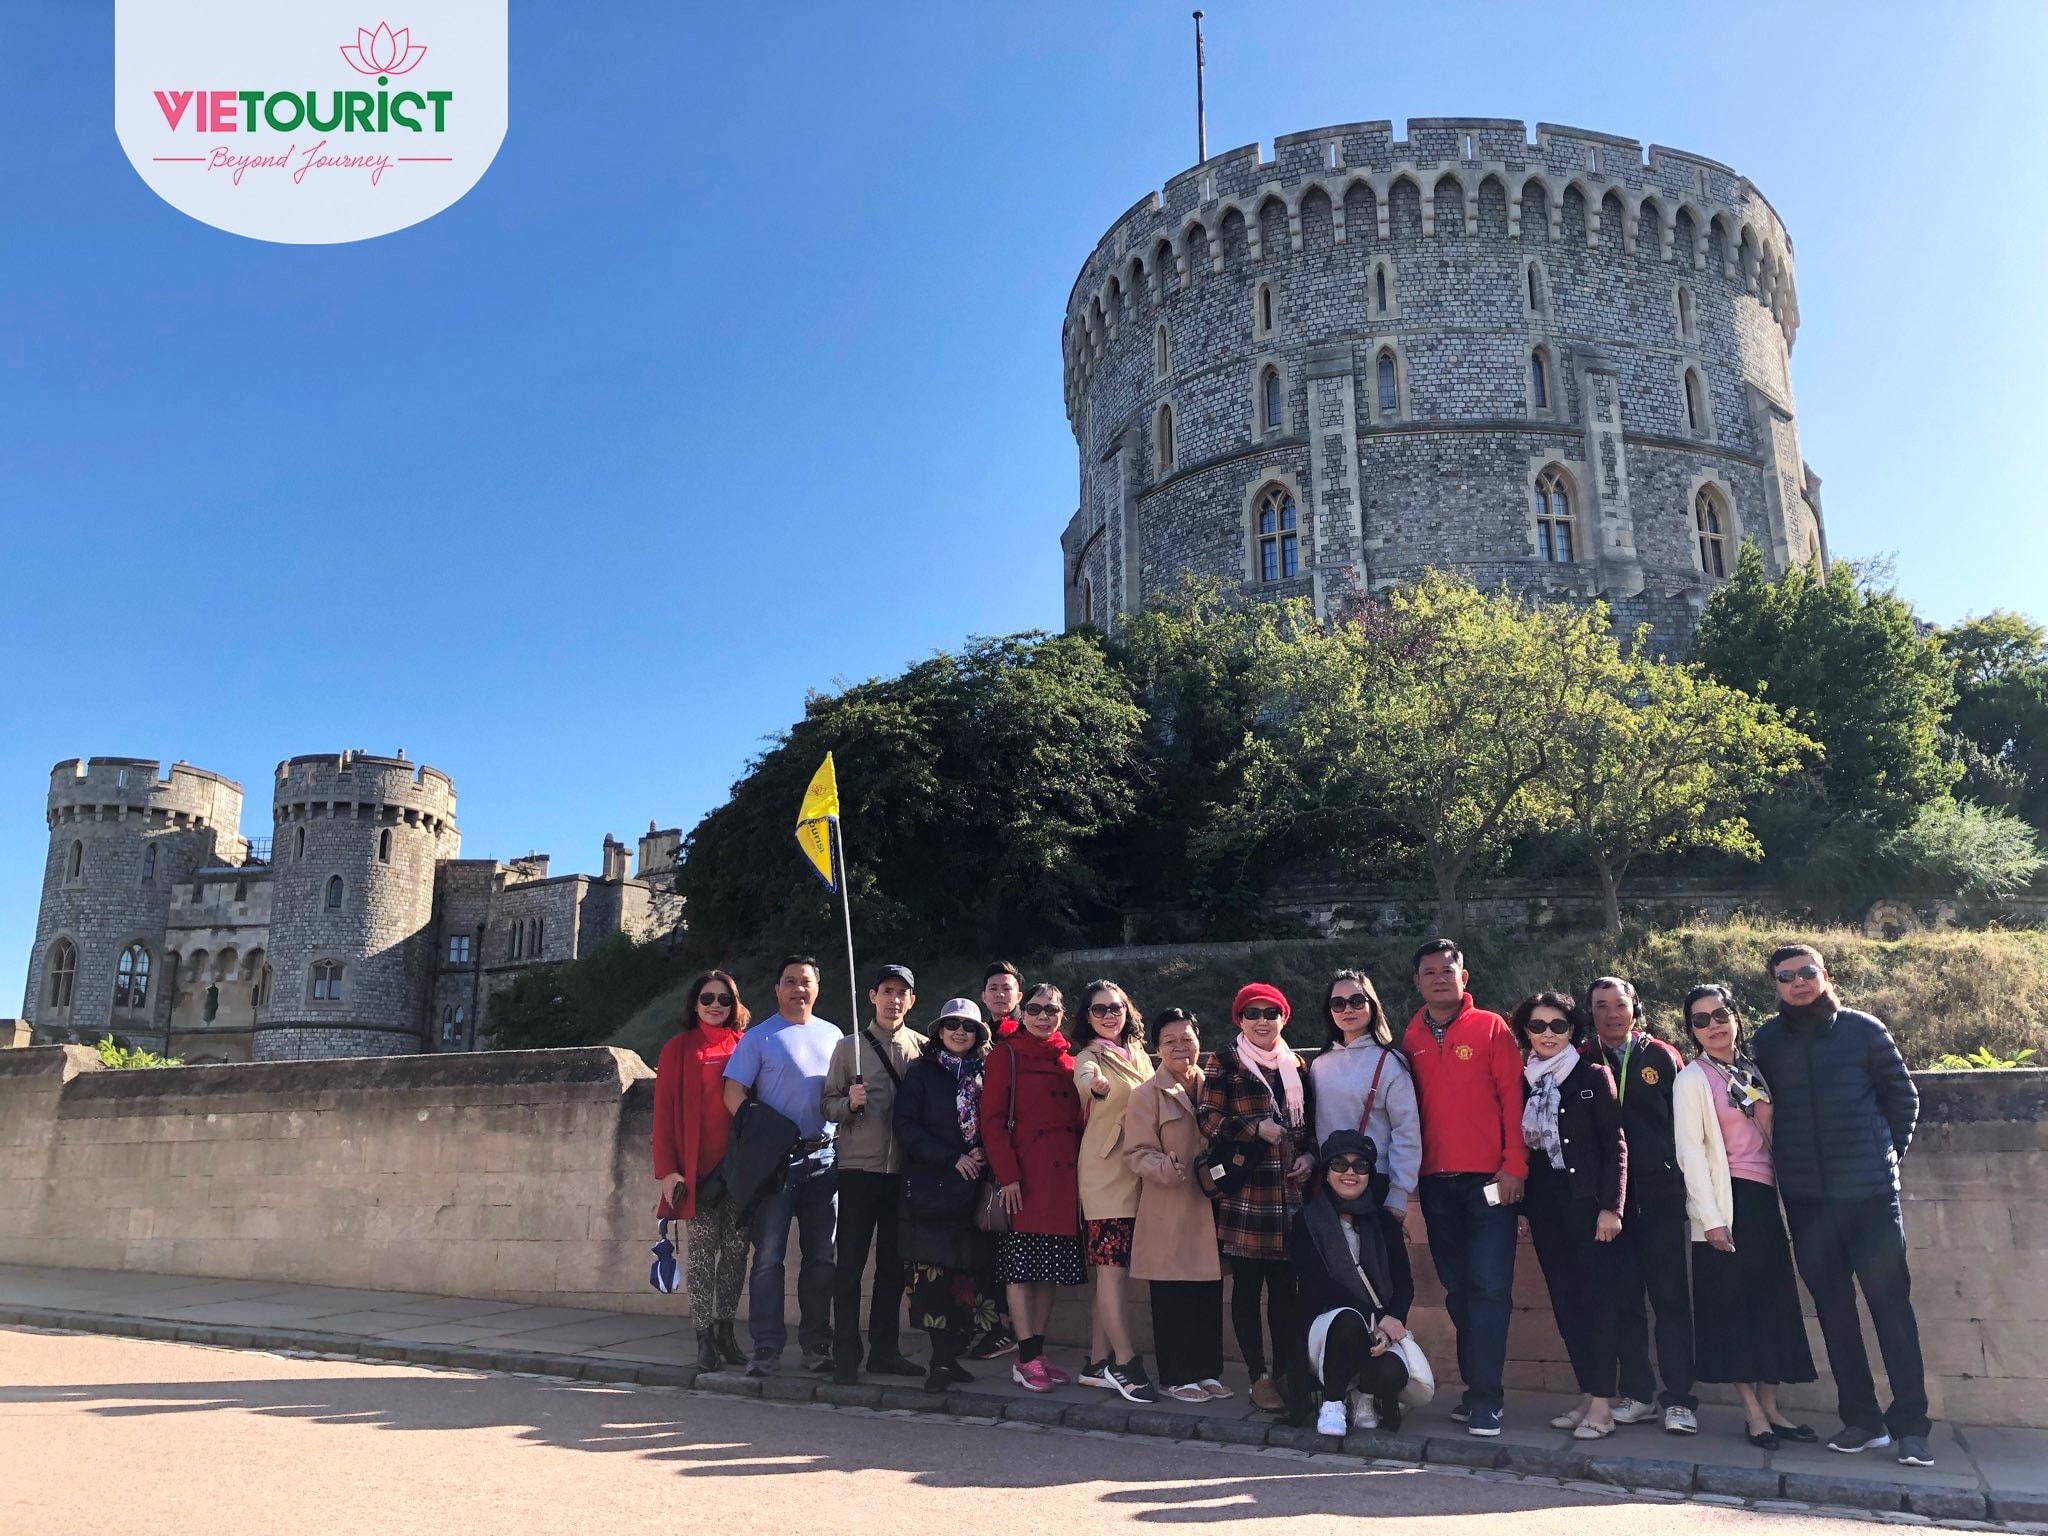 Khách hàng tham gia tour du lịch Anh cùng VieTourist